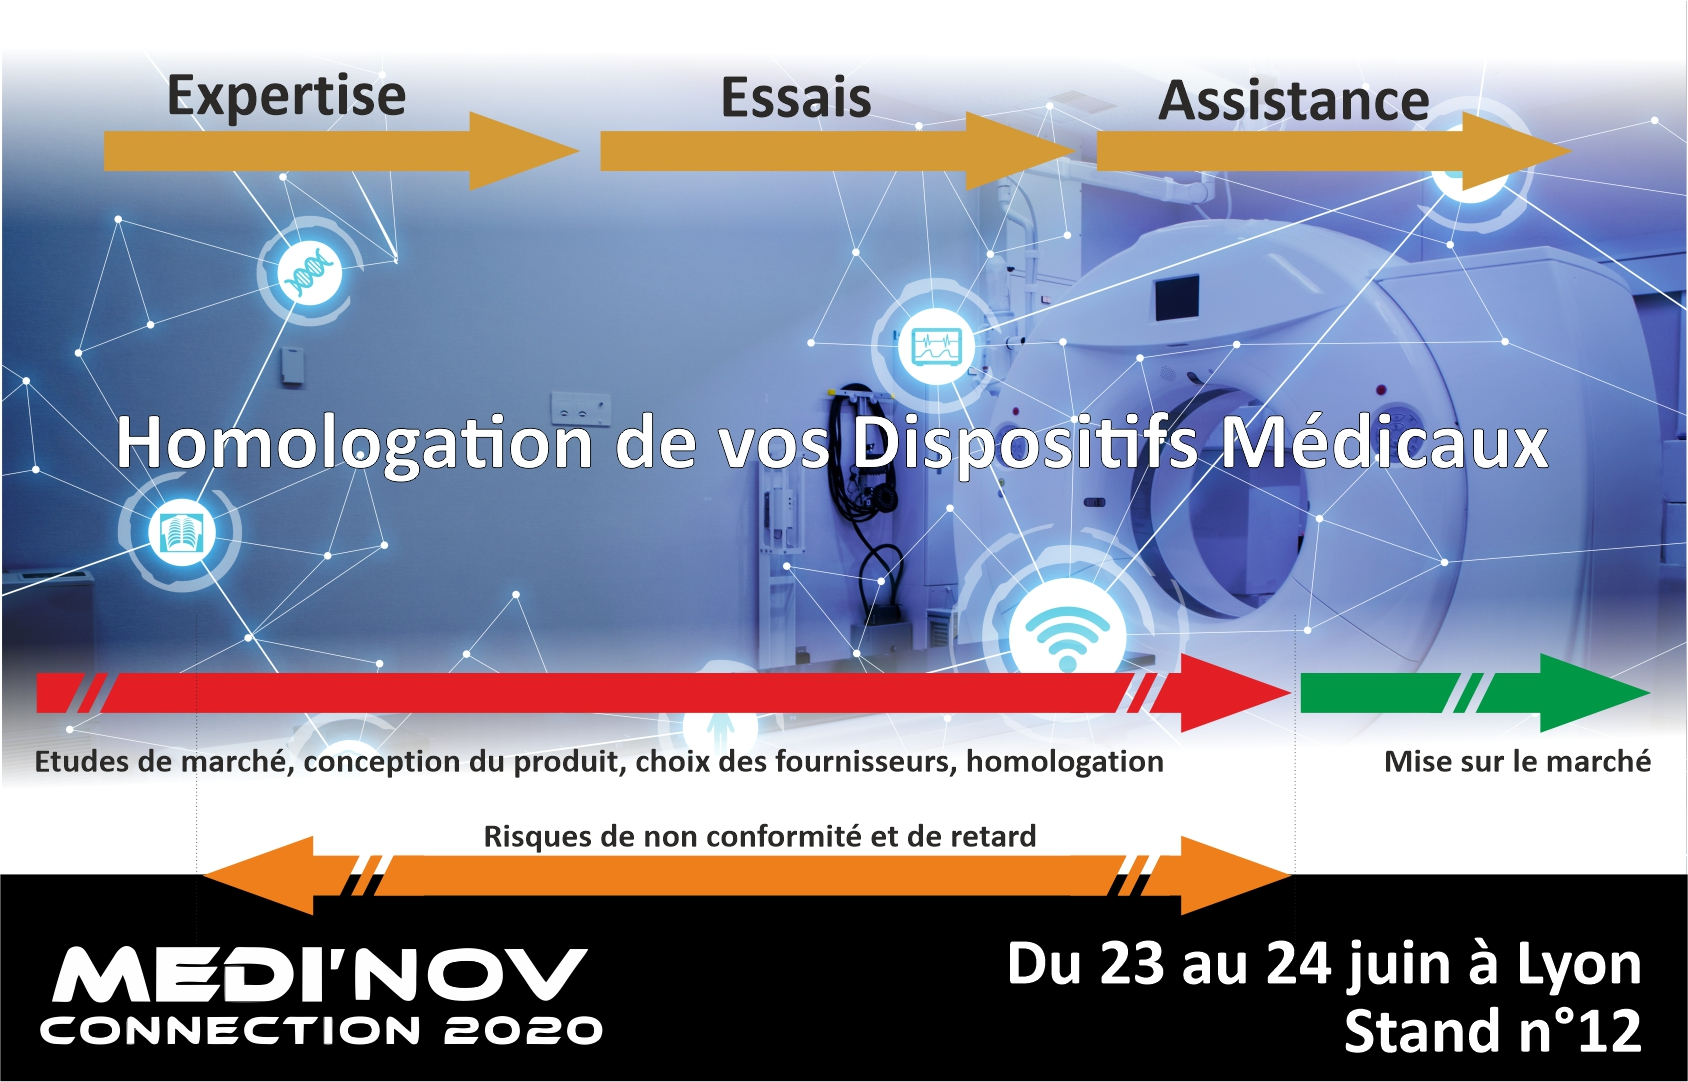 Med'inov - Solution du Groupe Emitech pour l'homologation de vos DM